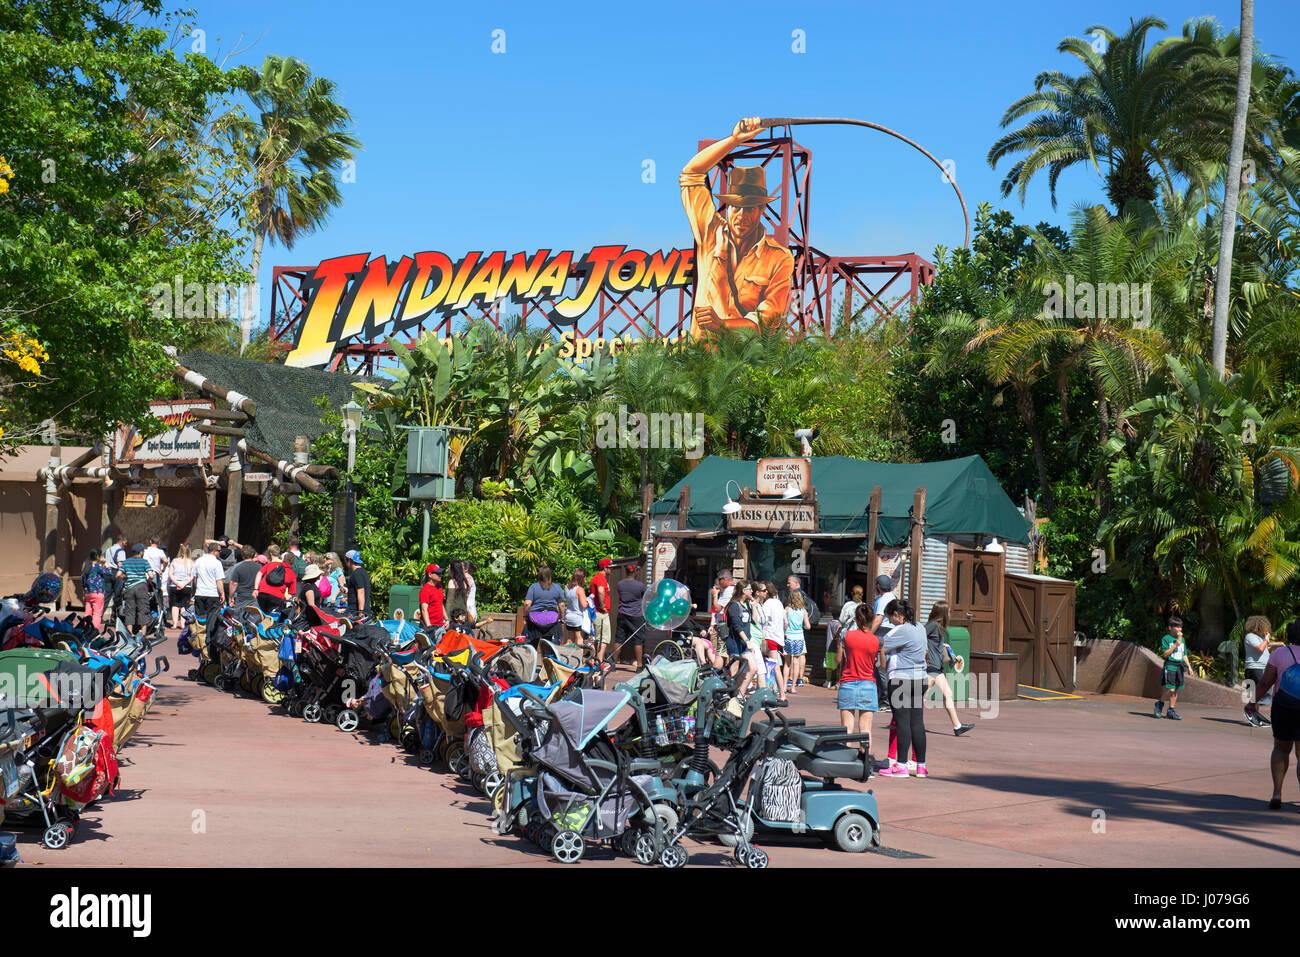 Indiana Jones, Epic Stunt Spectacular, Disney World, Orlando Florida - Stock Image